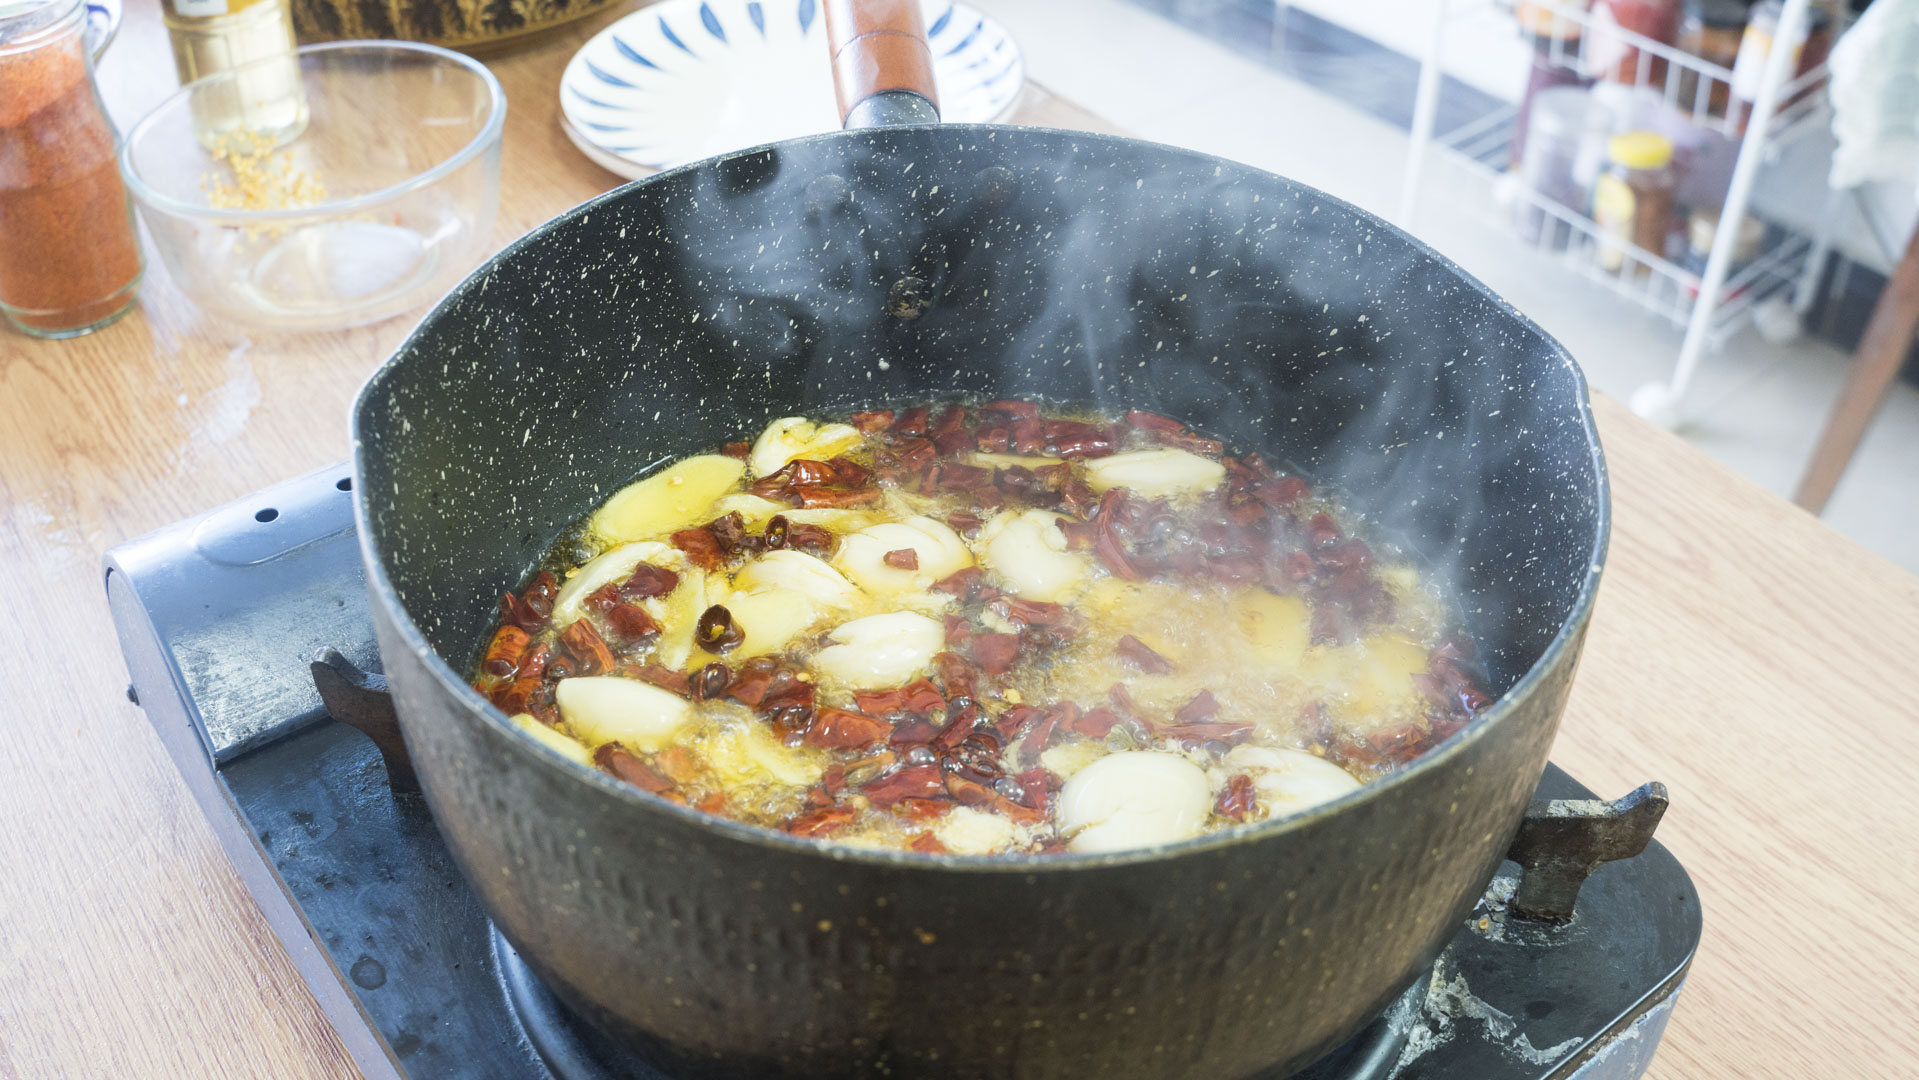 5道懒人快手菜,开胃好吃,拌一拌就上桌,夏天这样做简单省事 美食做法 第16张